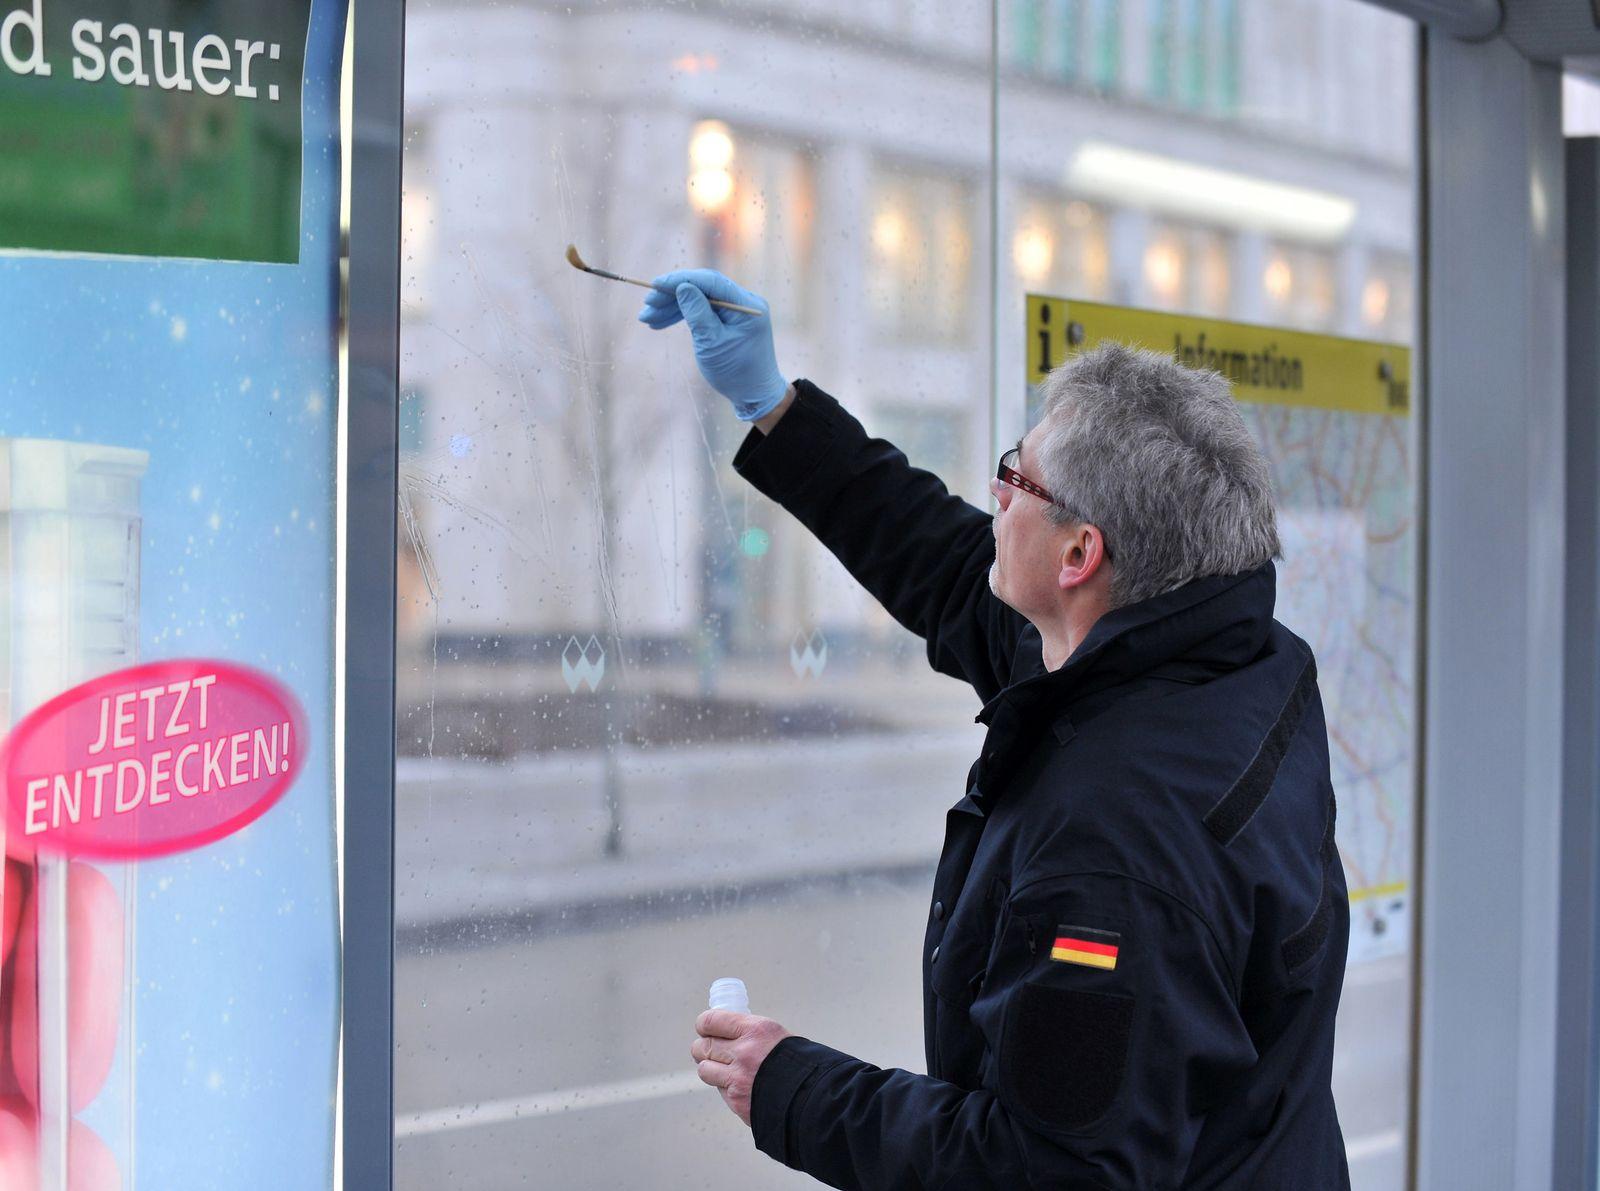 Säurealarm am Berliner Alexanderplatz